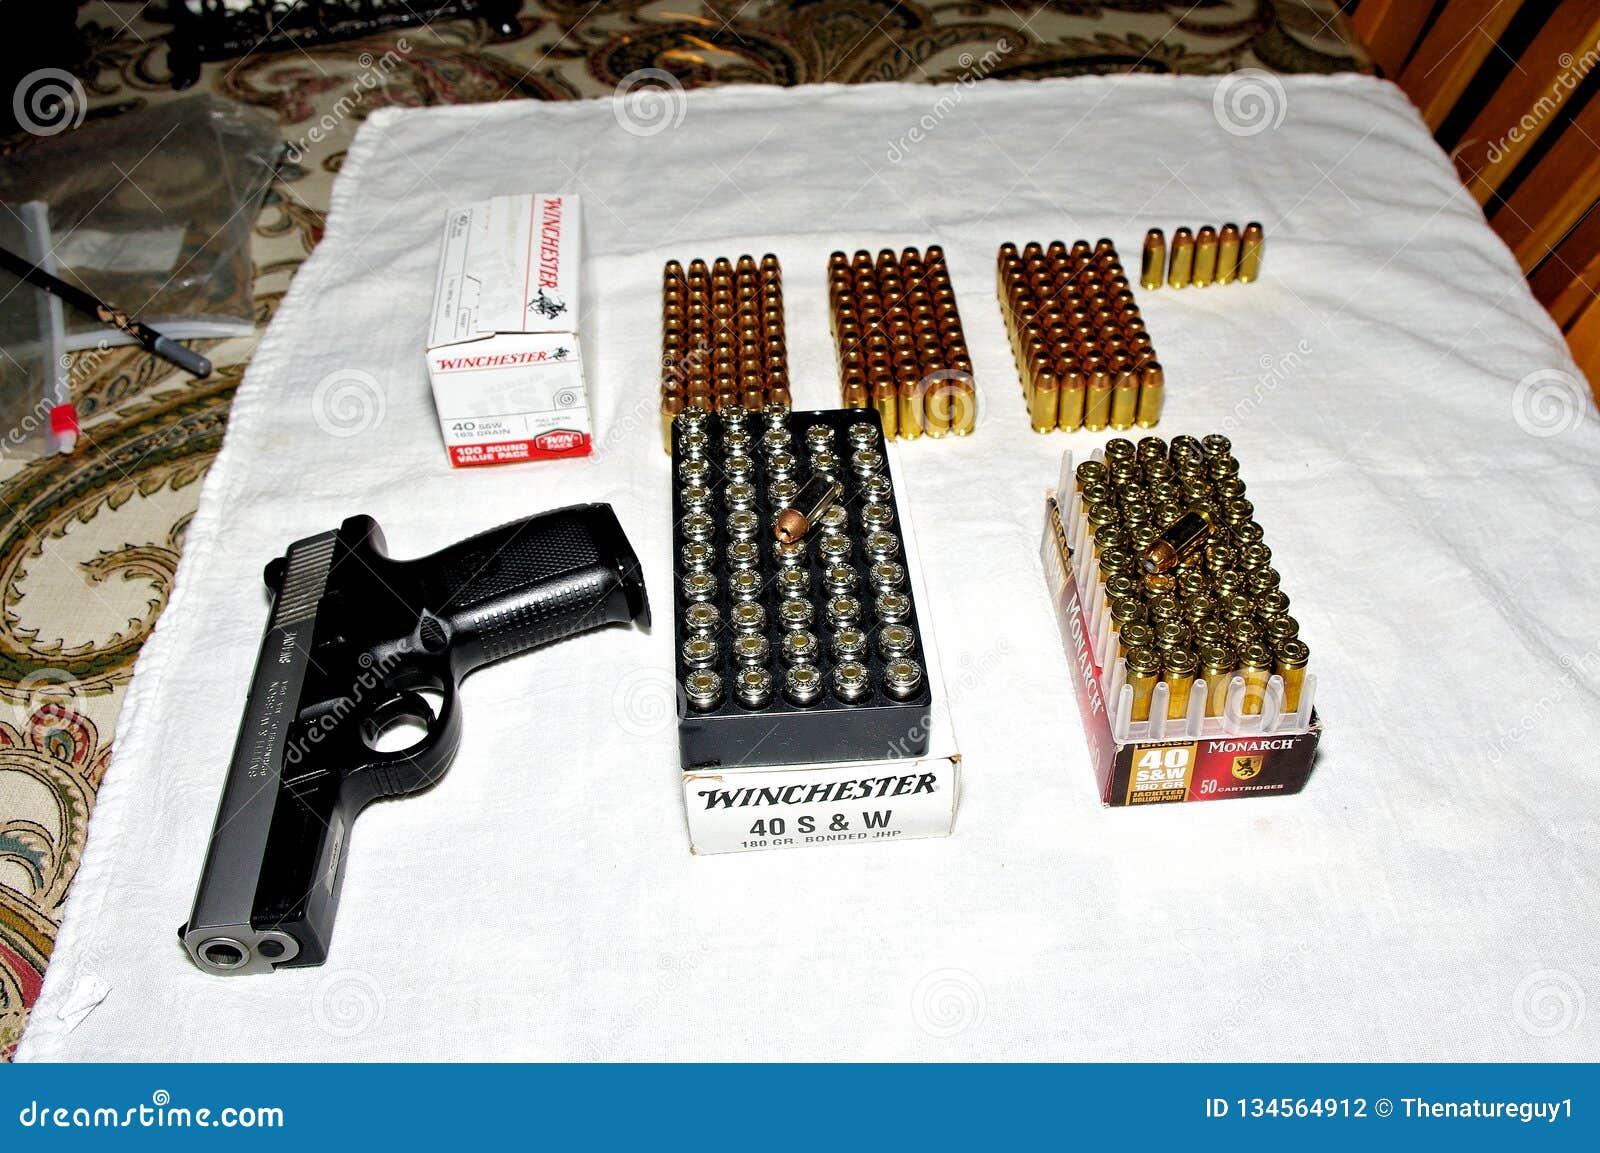 史密斯威森斯格码显示与箱温却斯德弹药